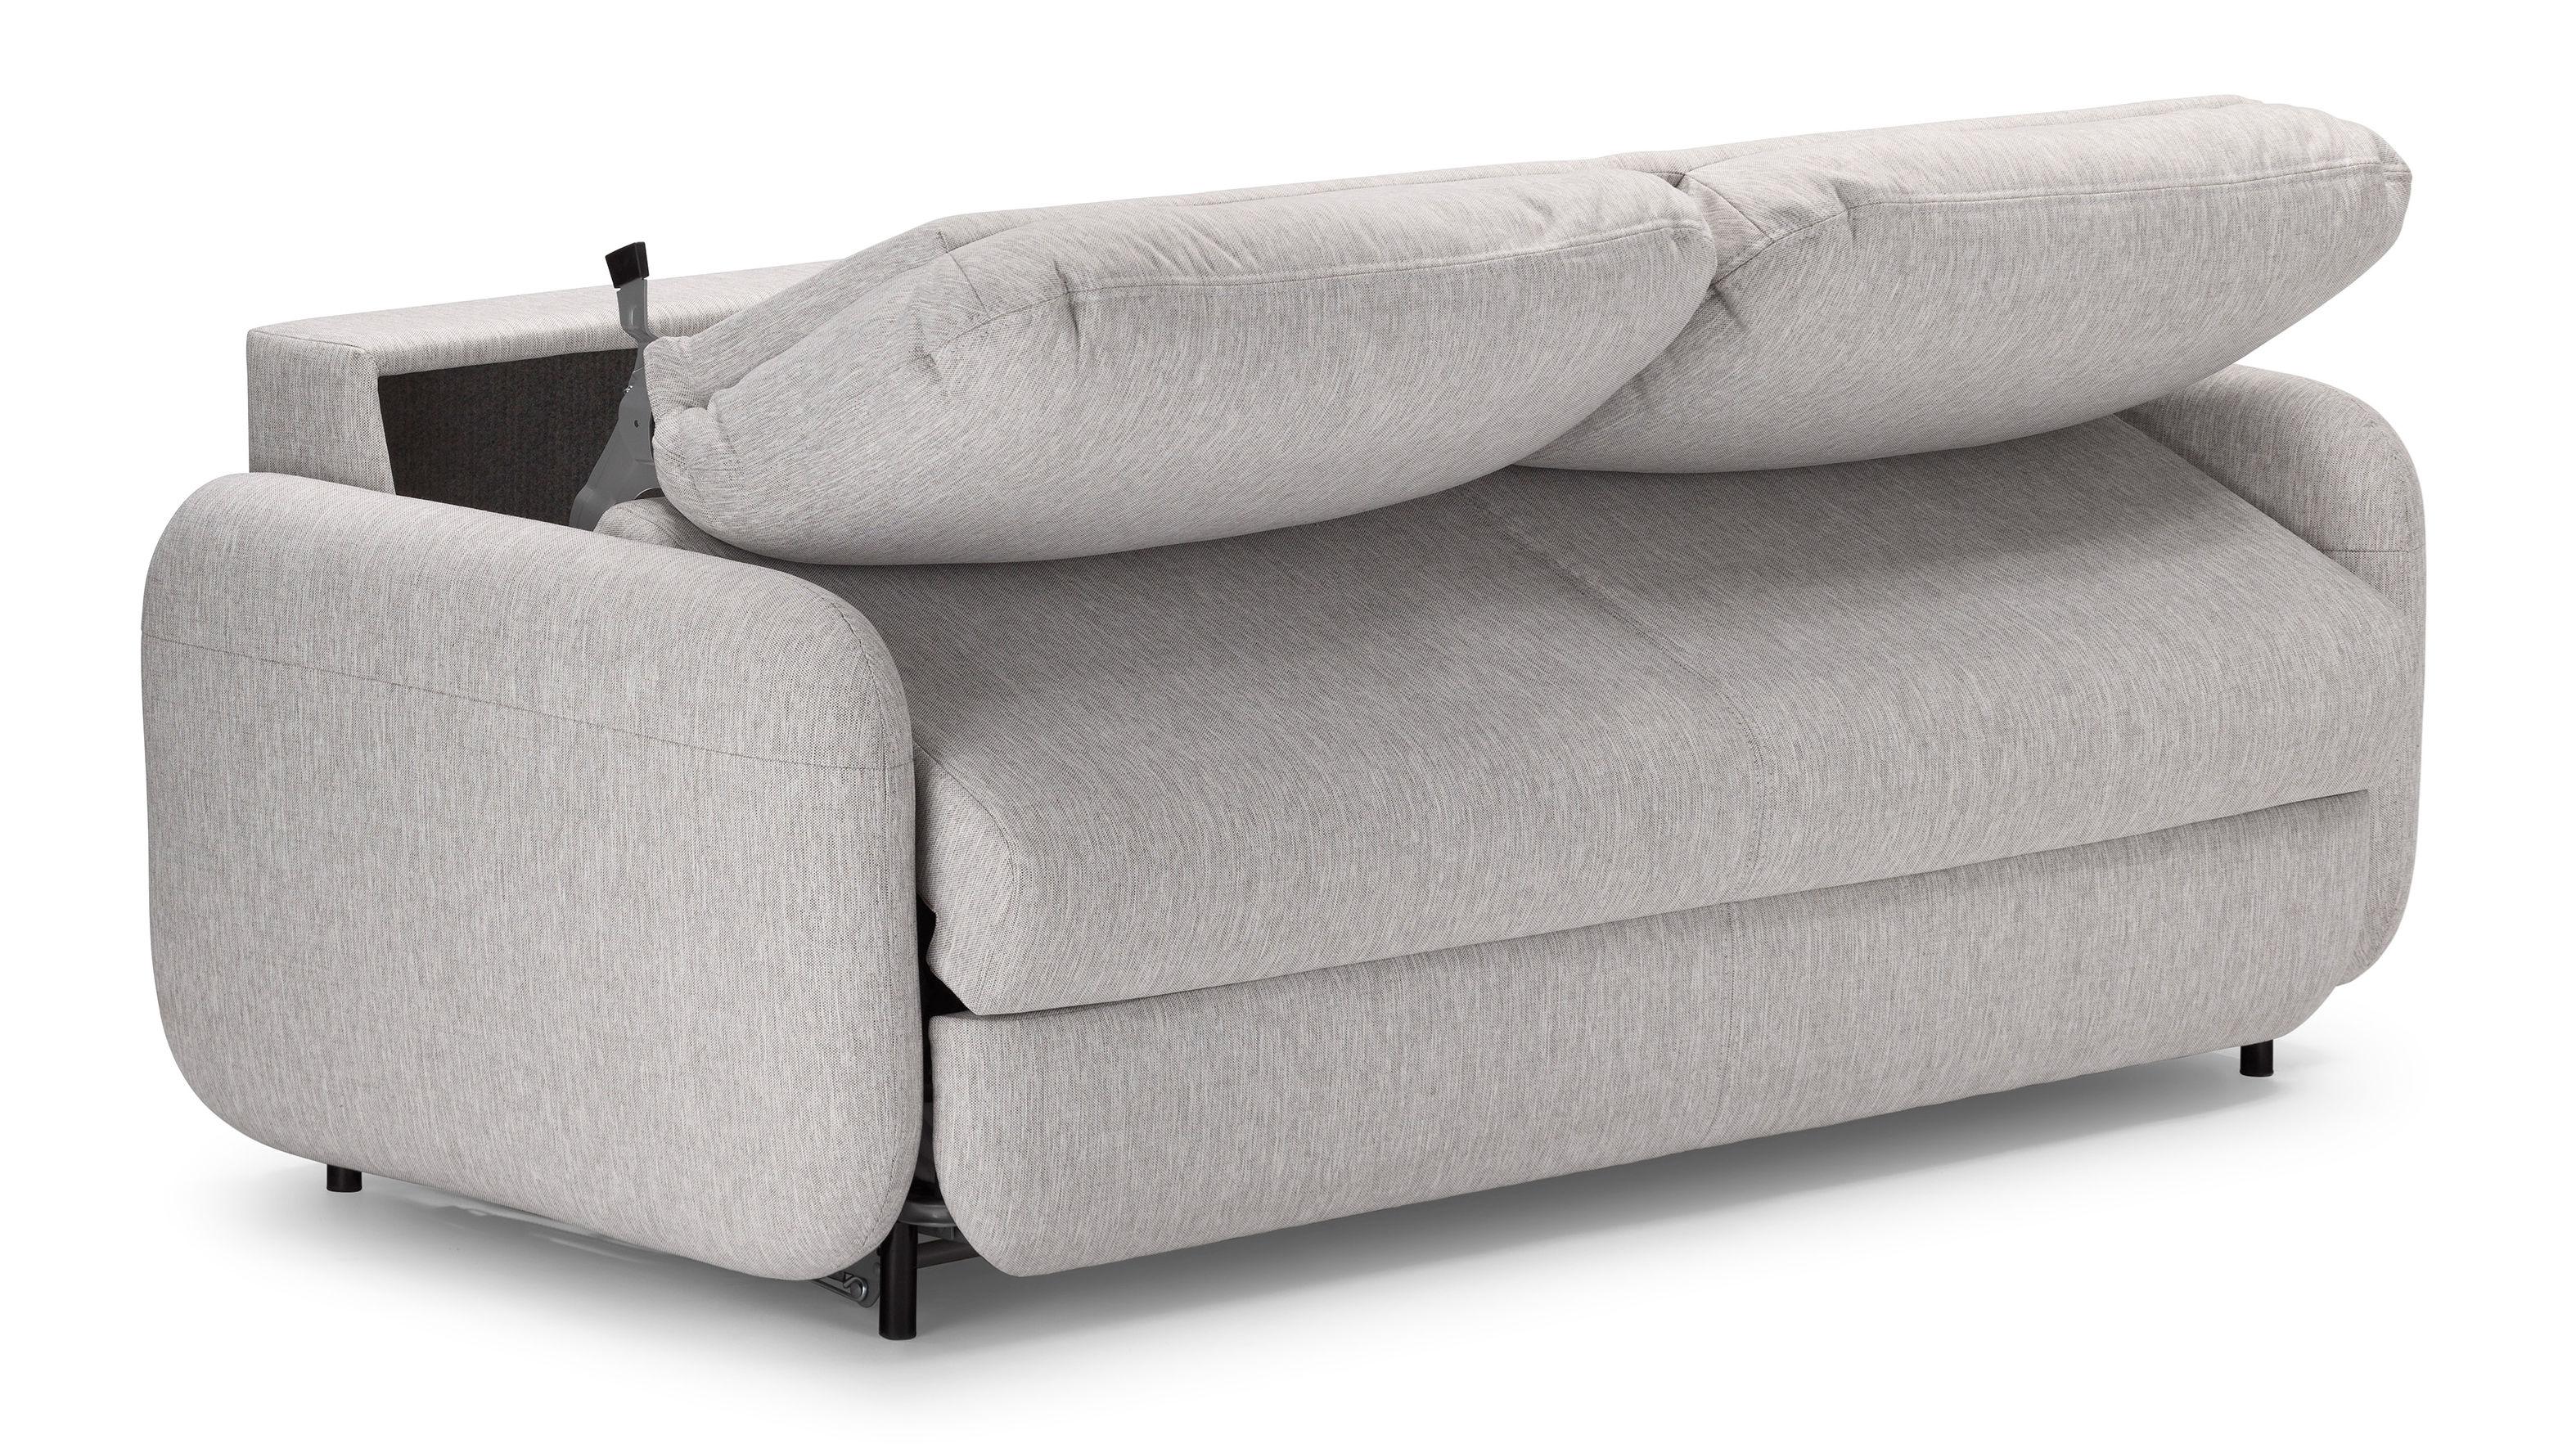 Scopri divano convertibile fluffy 2 posti l 190 cm for Divano convertibile